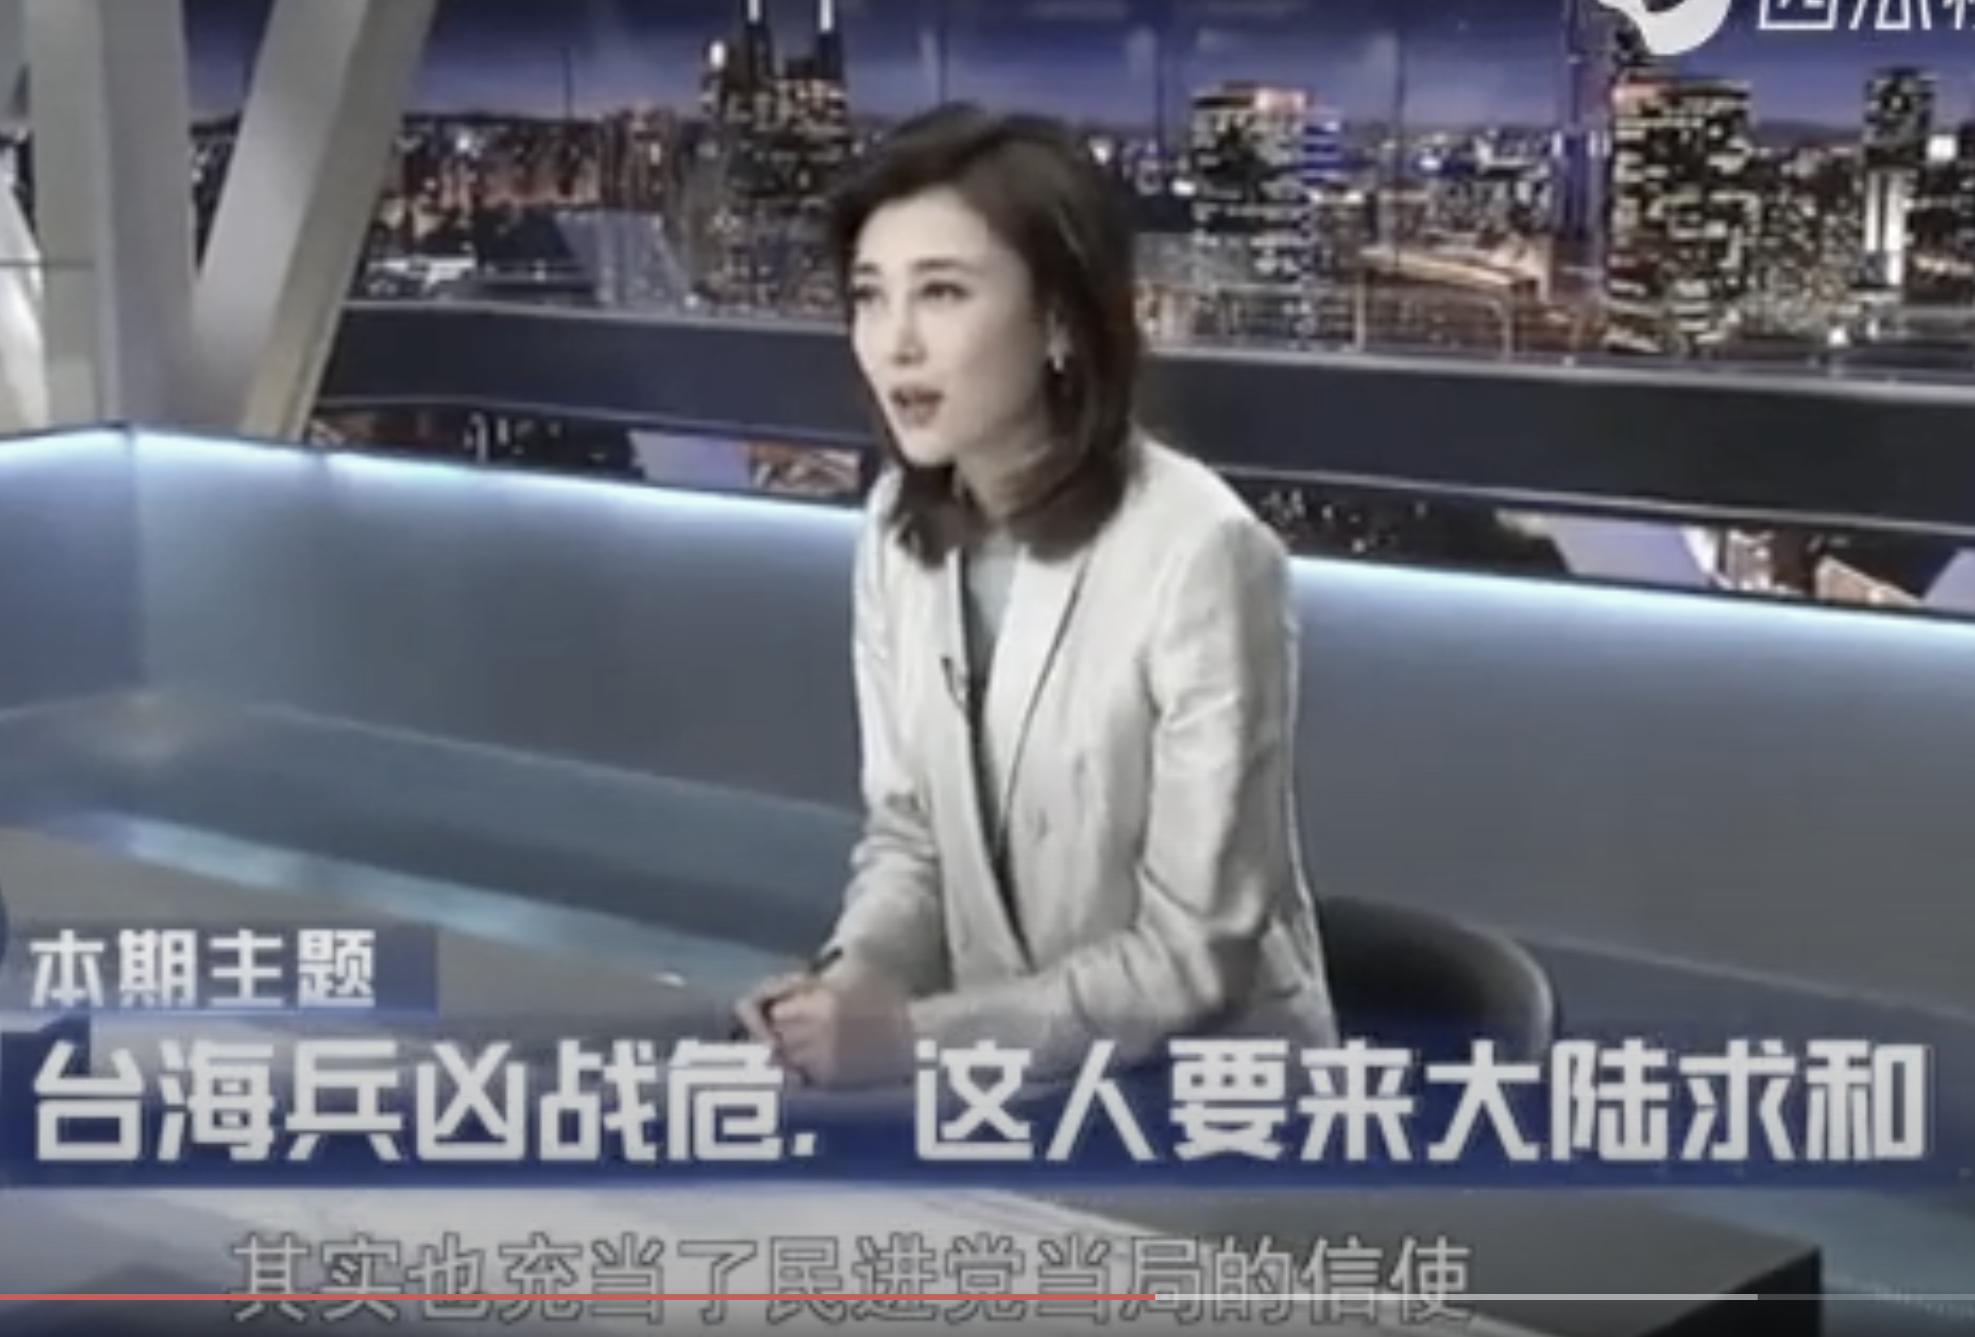 央視求和說引台灣強烈反彈 海峽論壇生變